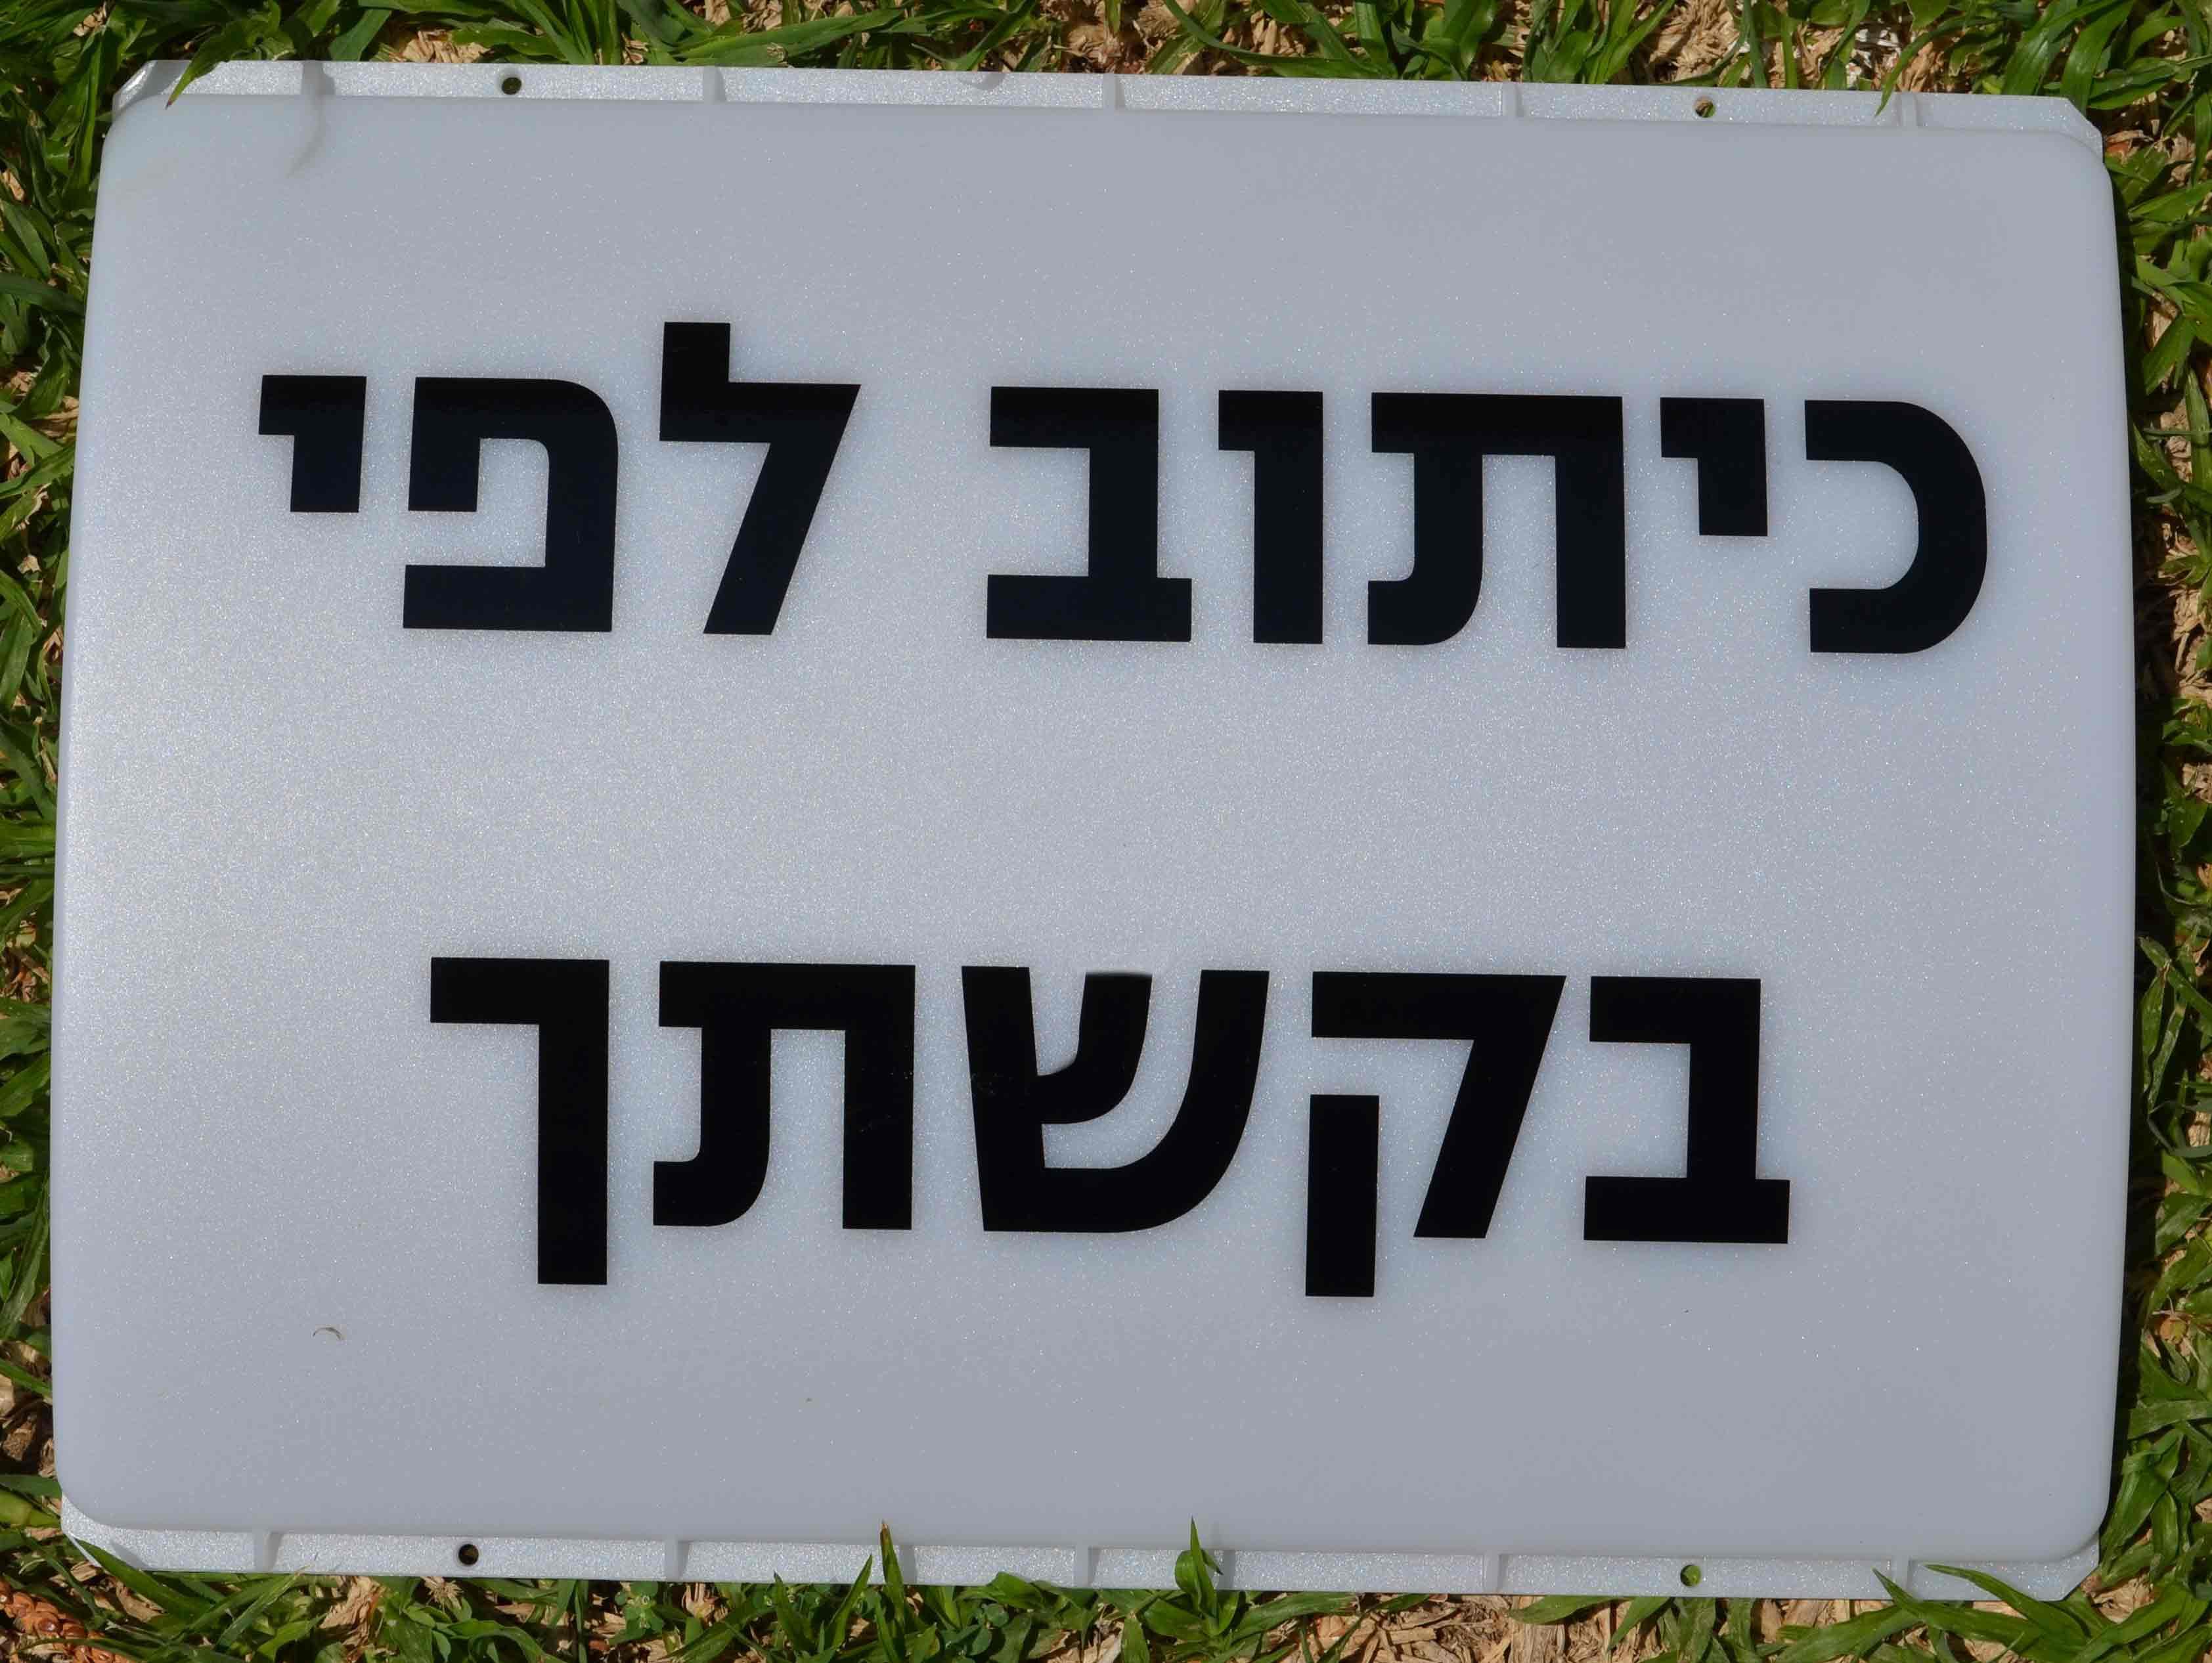 כיסוי פלסטי חיצוני לאוסקר